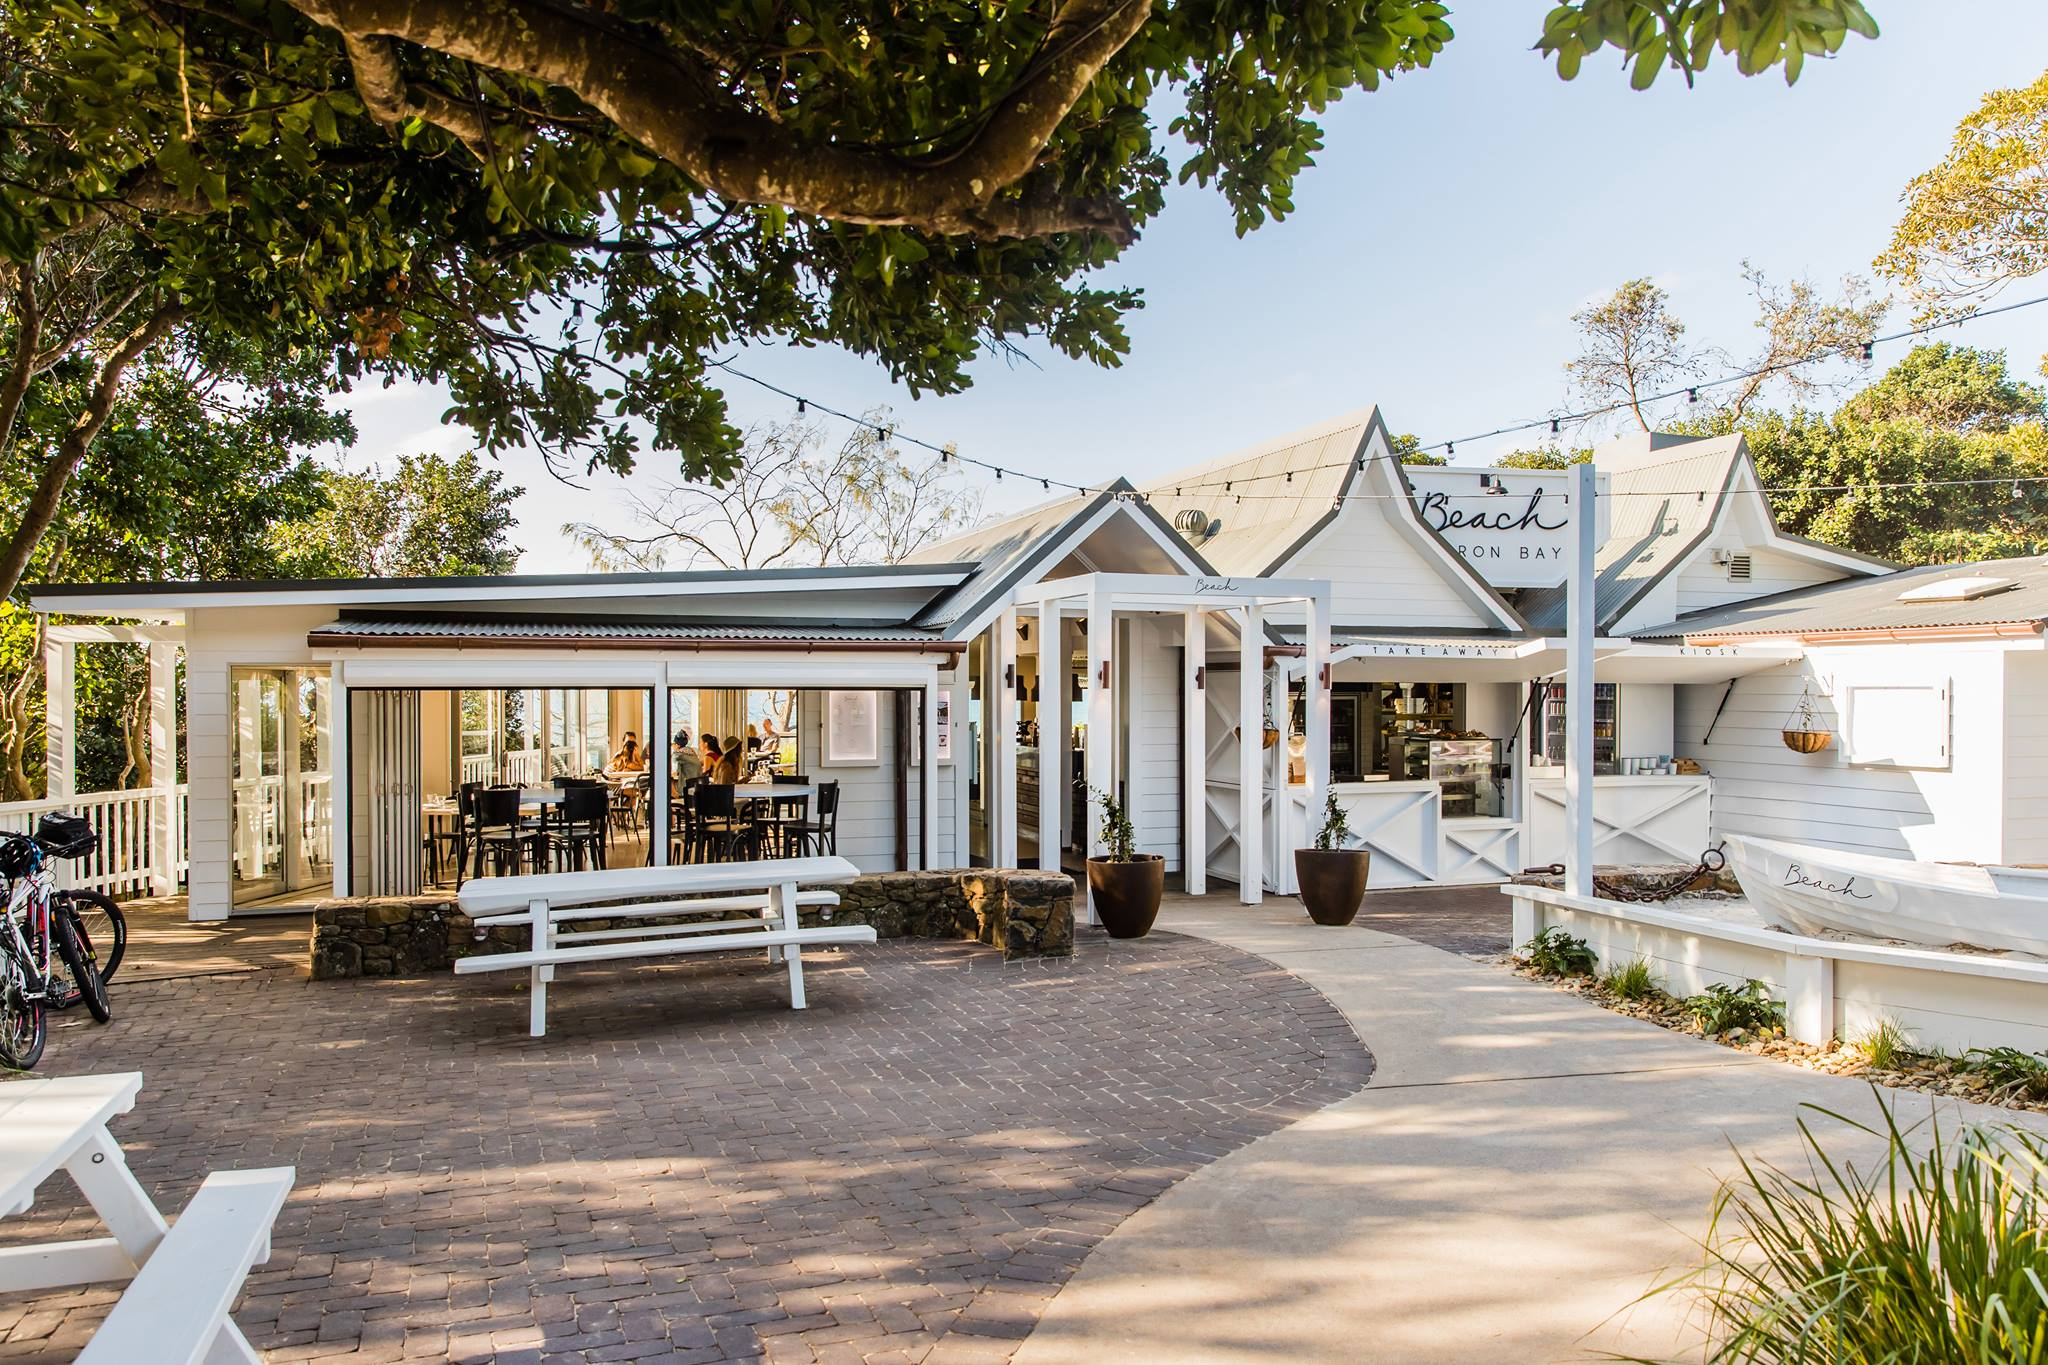 Beach-Cafe-Byron-Bay